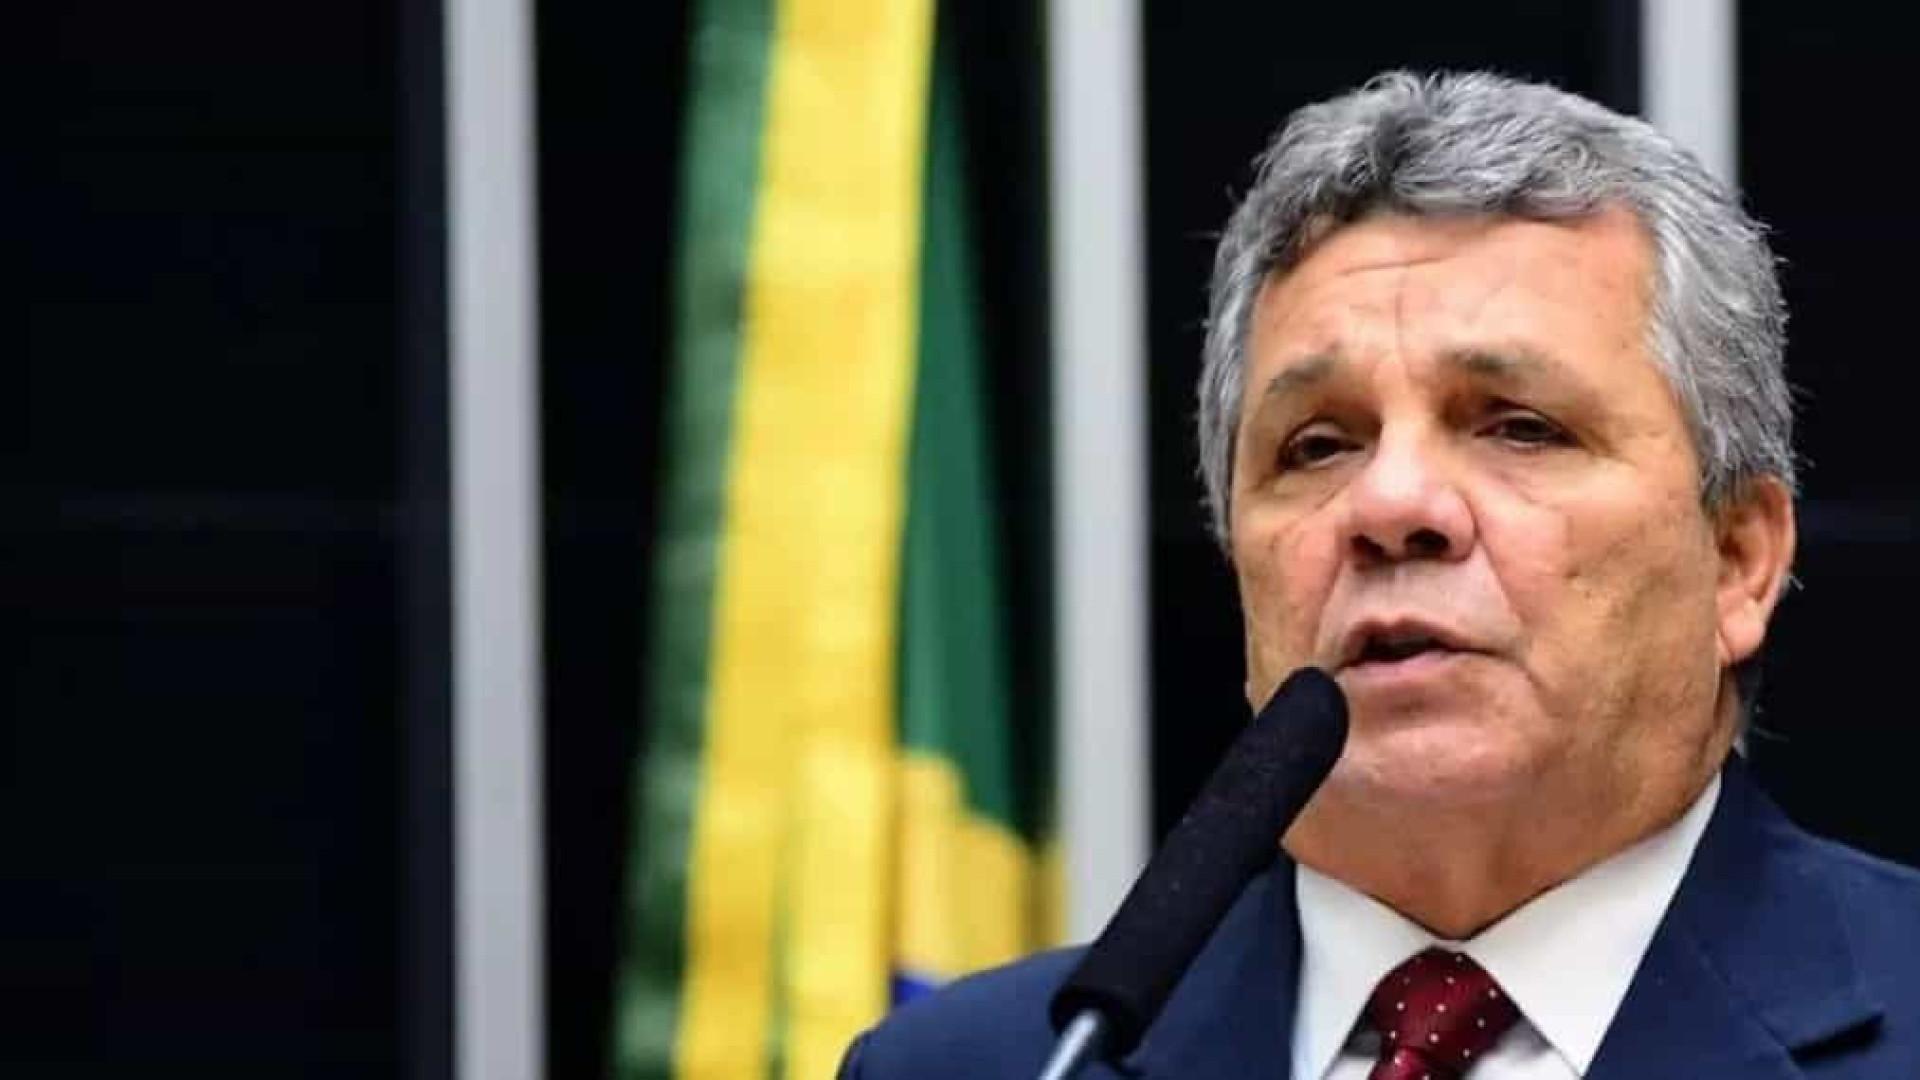 Após 40 anos de amizade, Fraga Se afasta de Bolsonaro